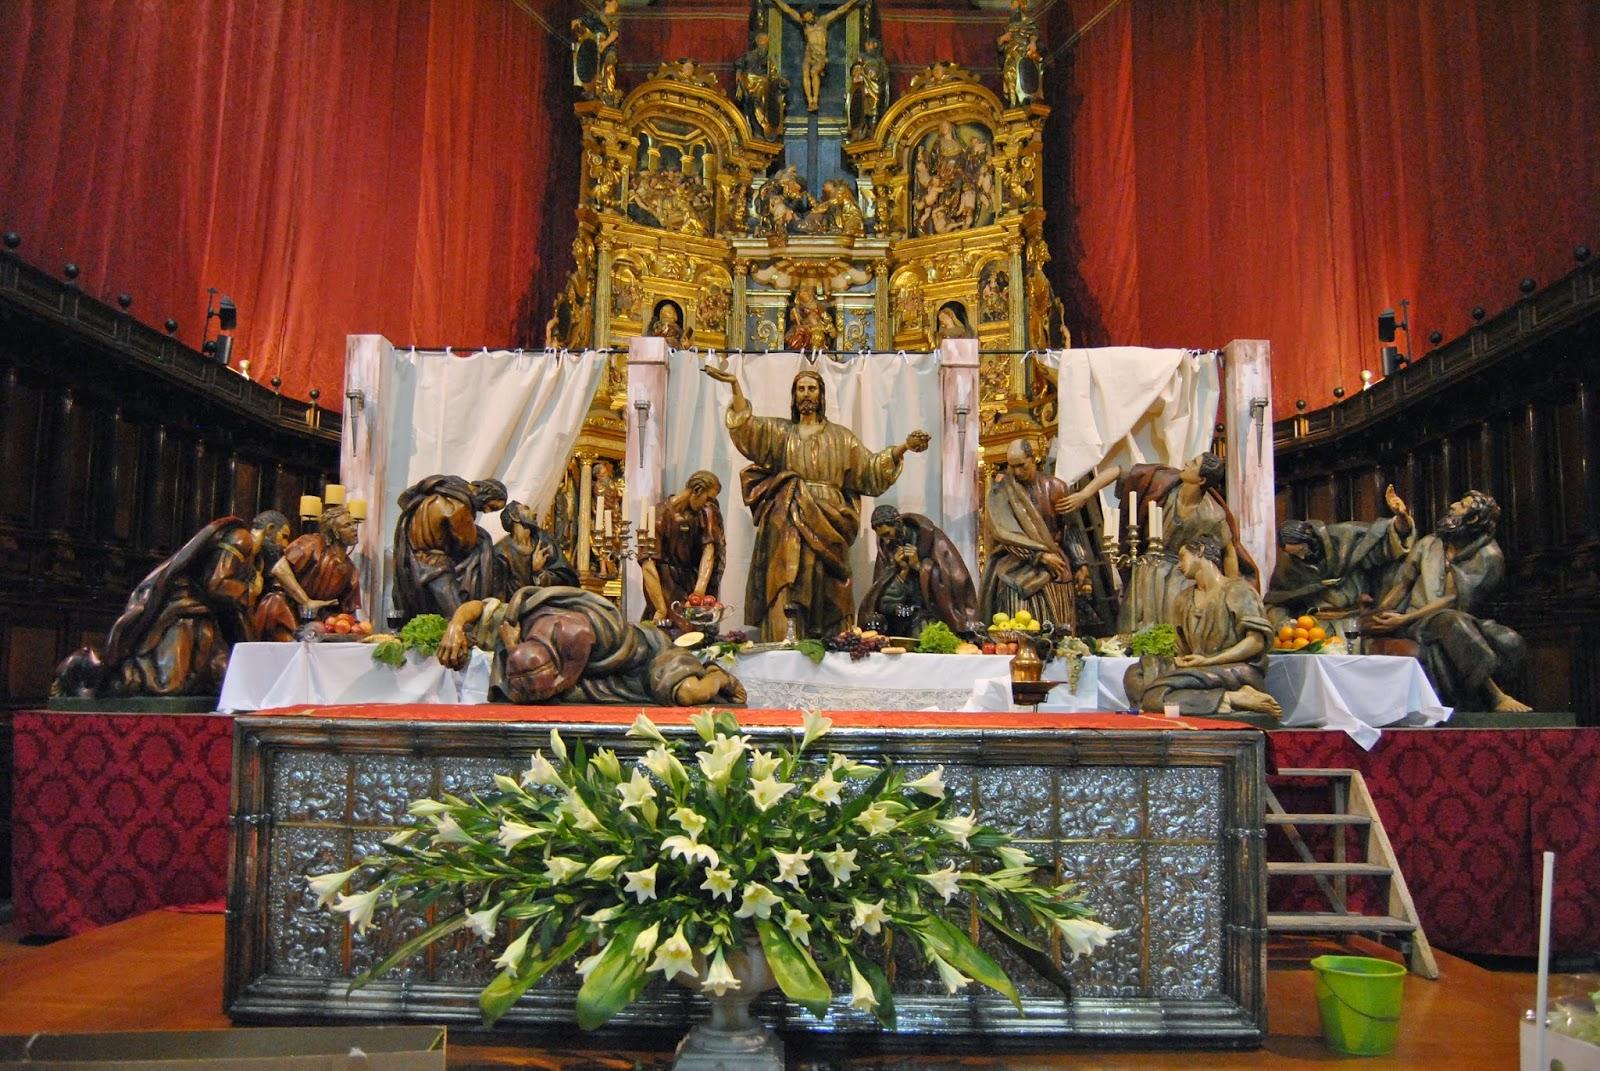 Arte en valladolid semana santa en valladolid el paso de - Decoracion en valladolid ...